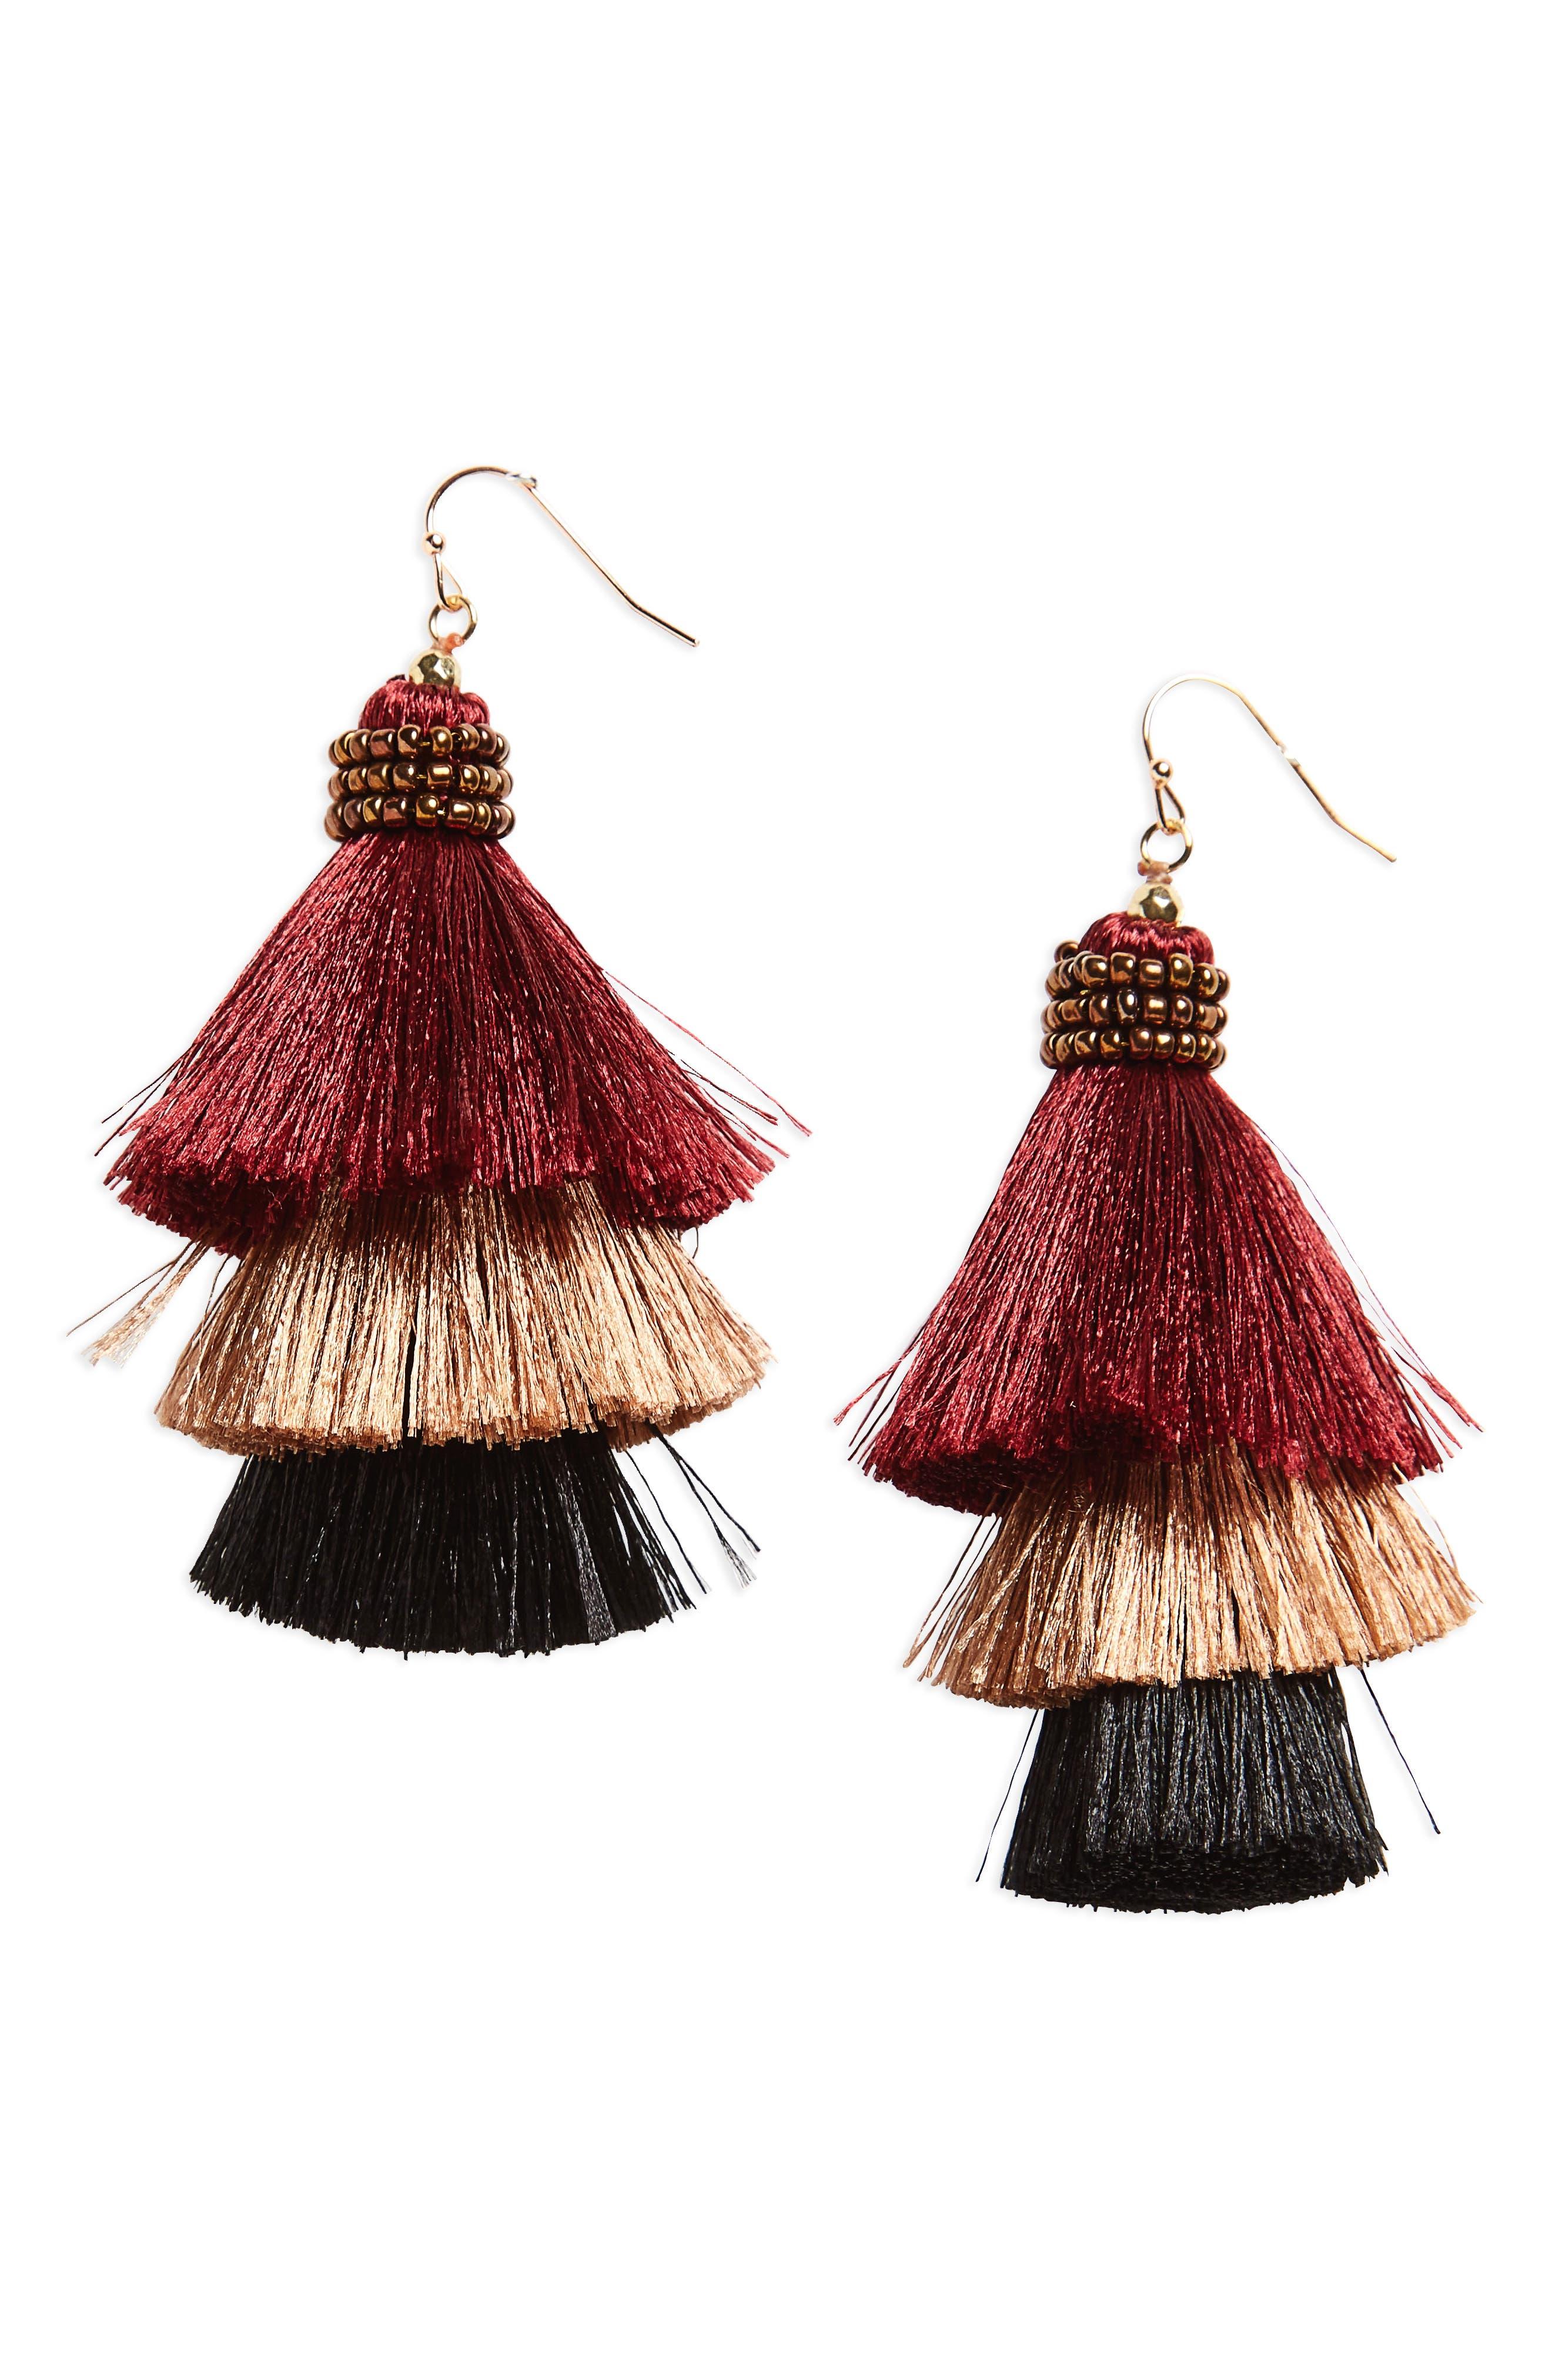 Tiered Tassel Earrings,                         Main,                         color, Burgundy